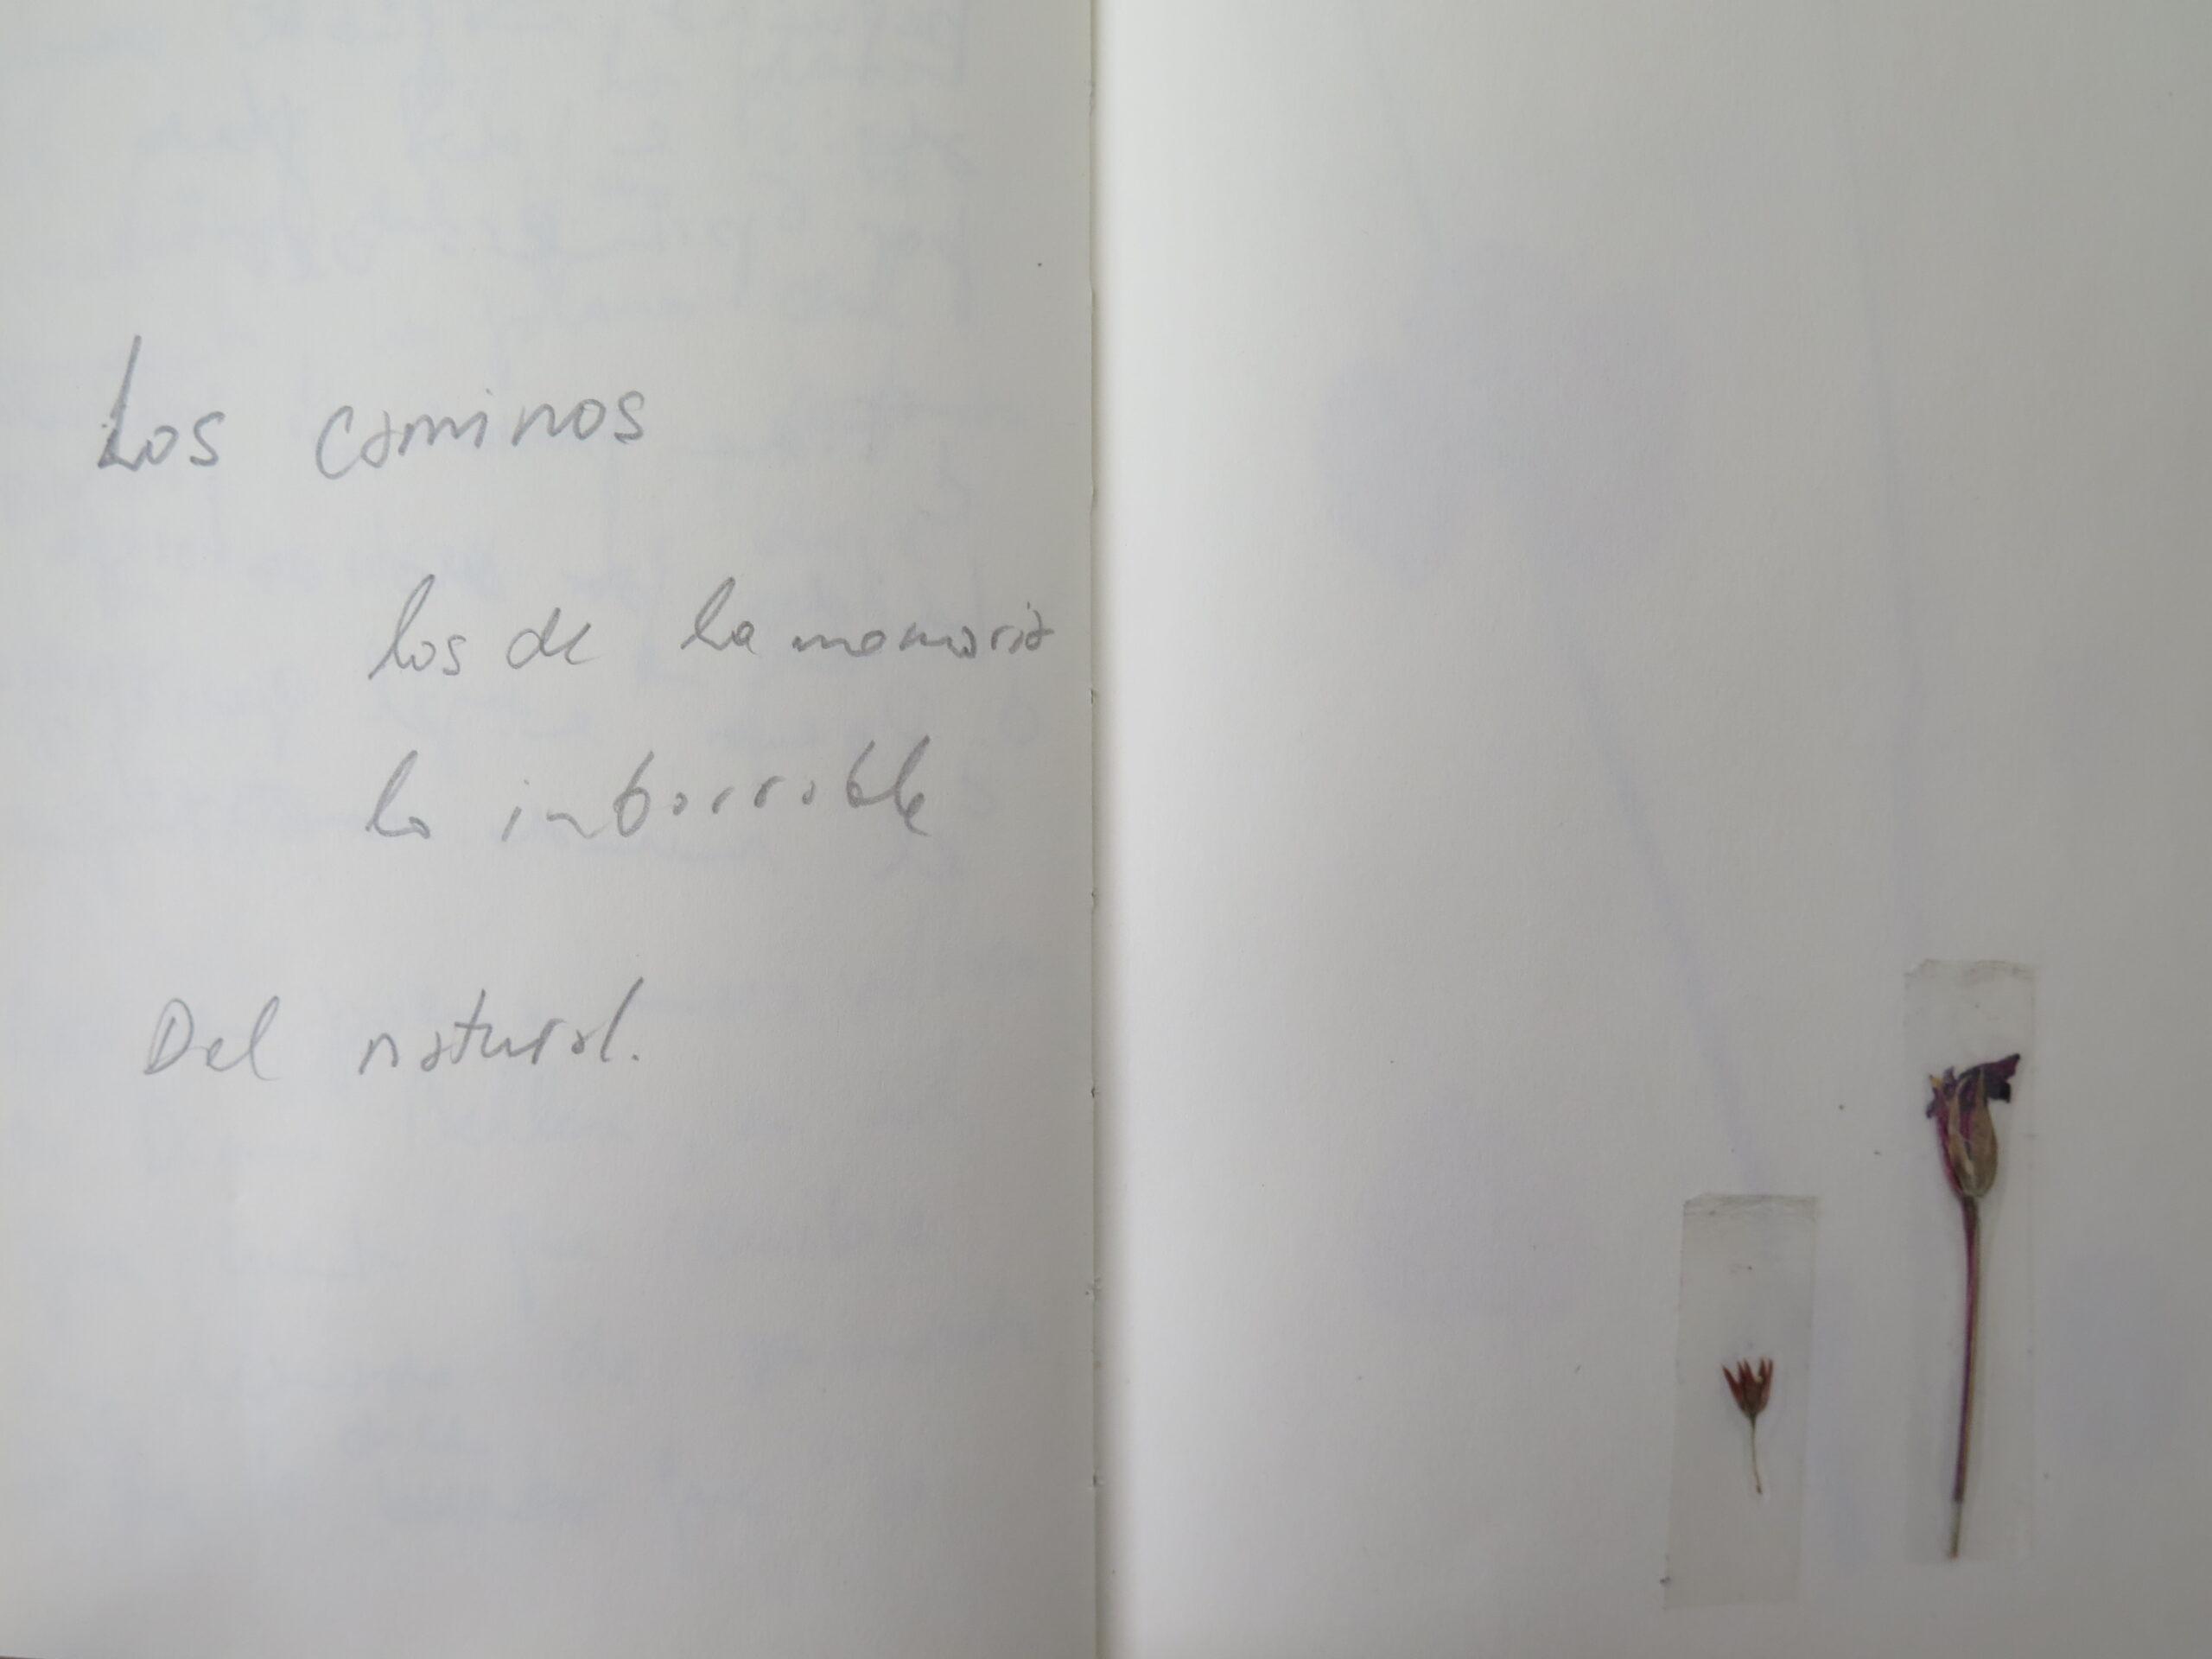 LA CASA DEL CINEASTA: DEL NATURAL (01)